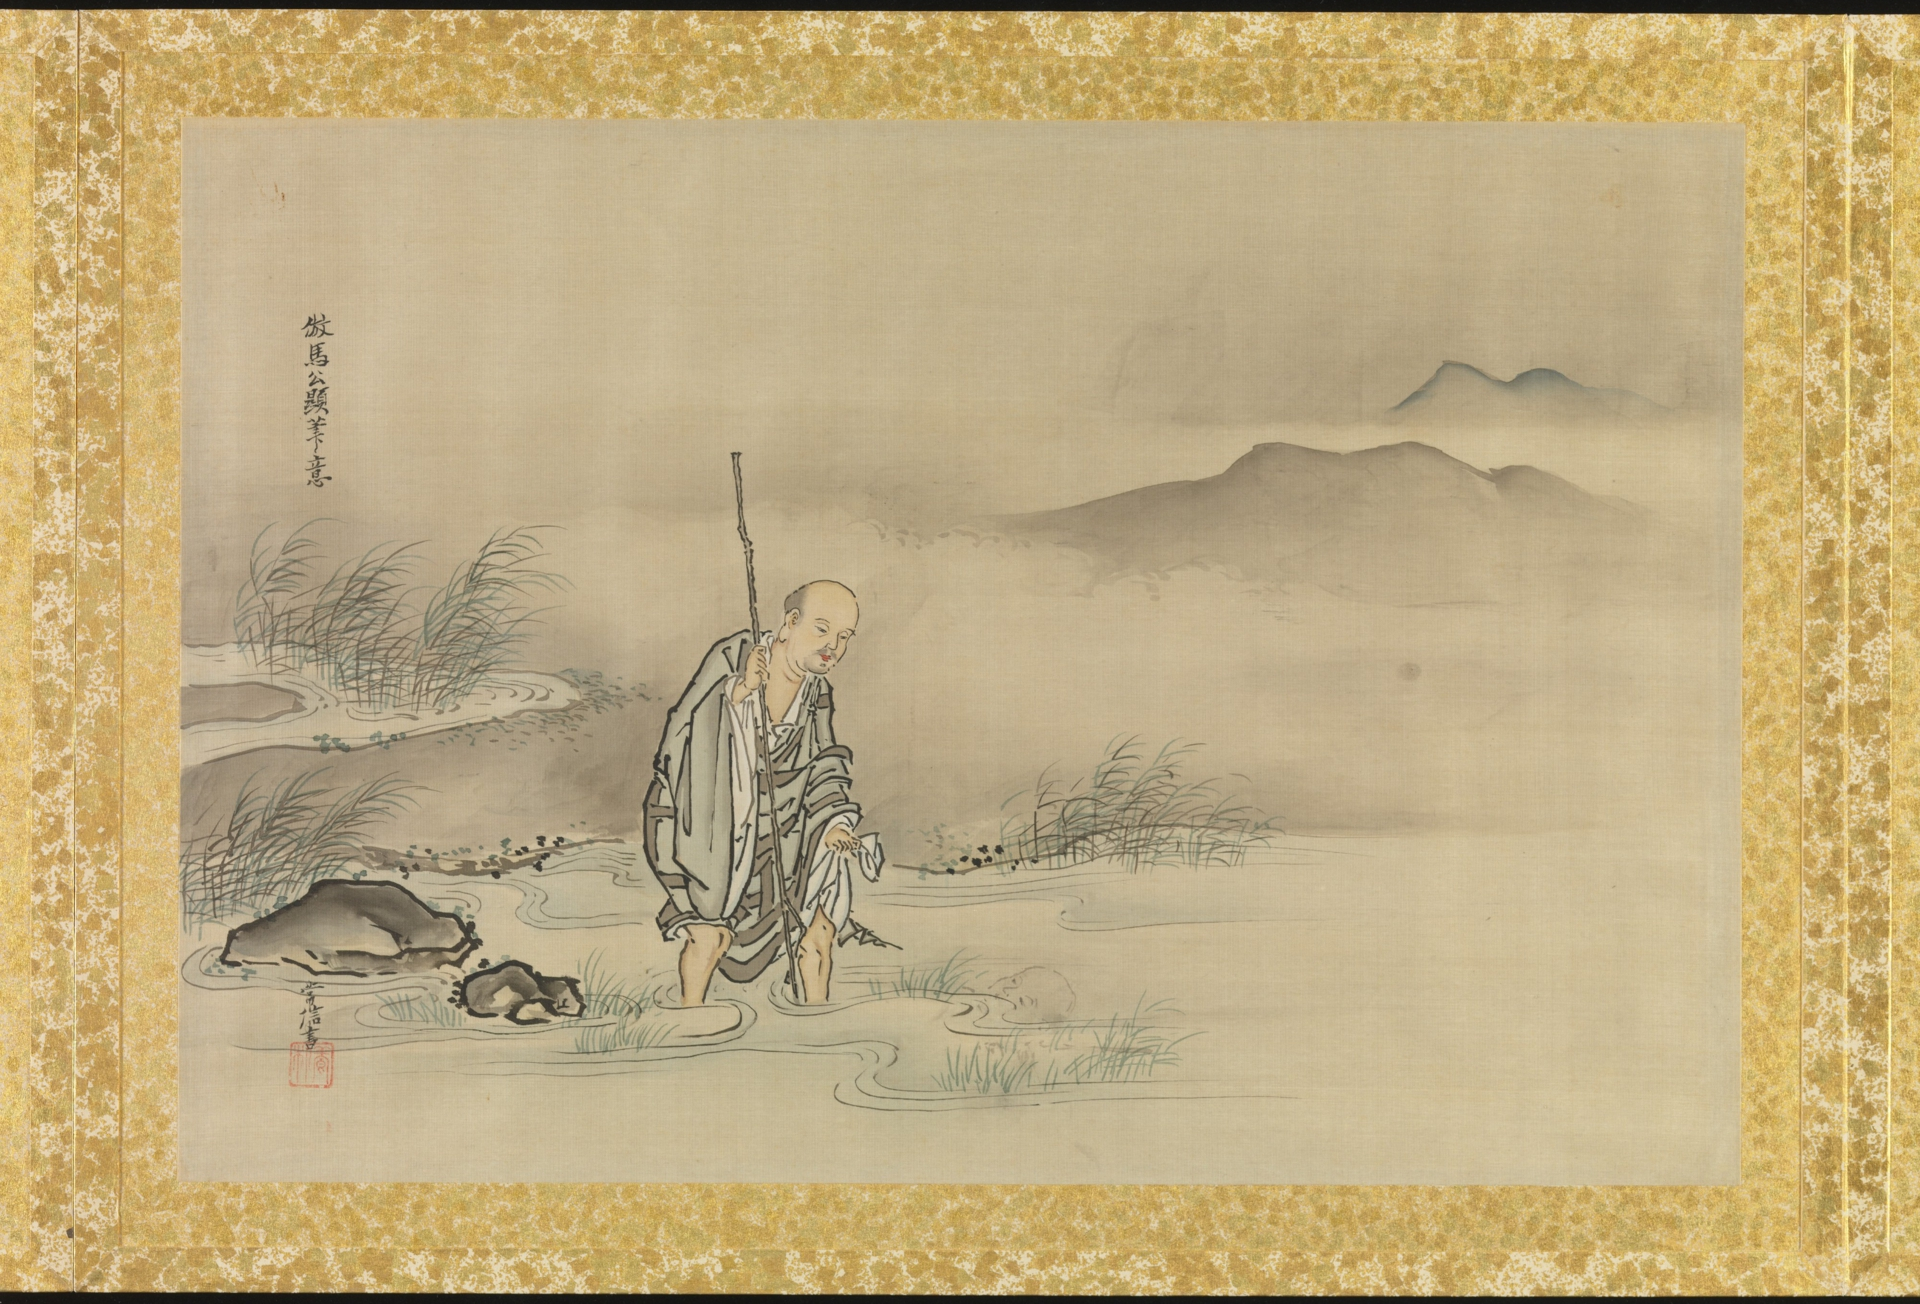 0008_日本画-常信画作-日本常信仿马公显笔意46x67_8000x5434PX_TIF_300DPI_127_0